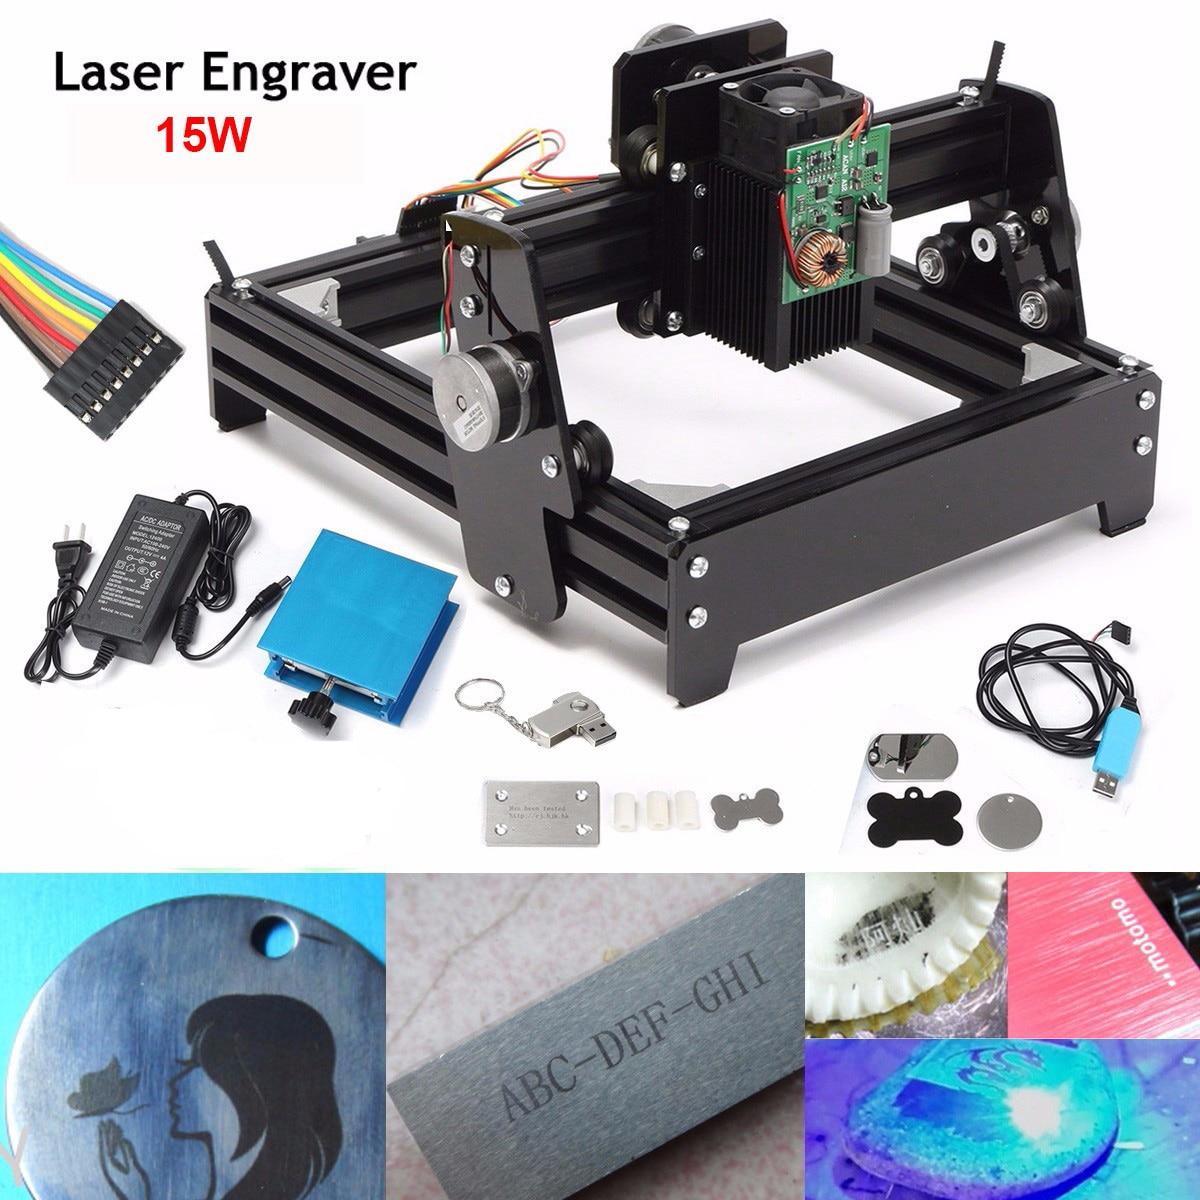 Новый 15 Вт лазер AS-5 USB Настольный 15000 МВт ЧПУ лазерный гравер DIY маркировочная машина для металла камень, древесина Гравировка области 14x20 см